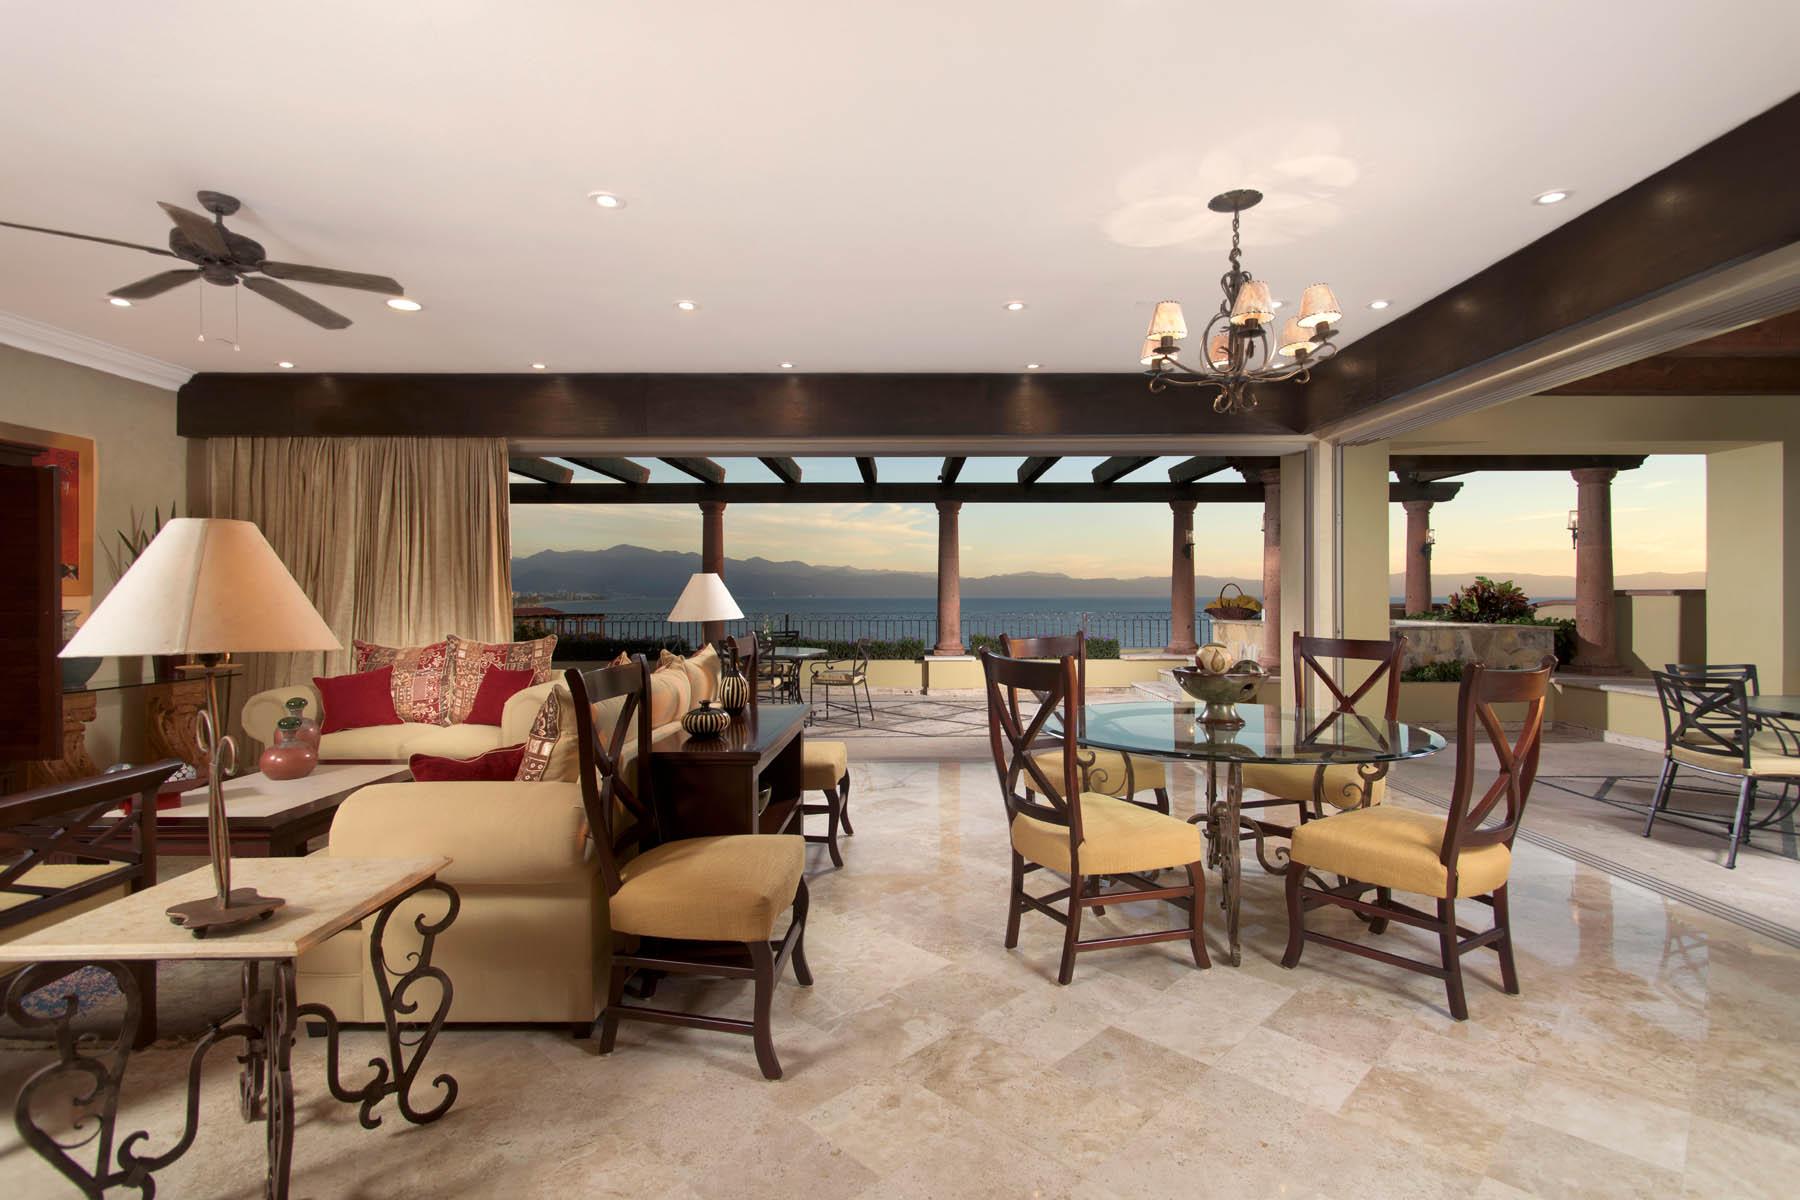 Villa la estancia riviera nayarit presidential three bedroom suite 1